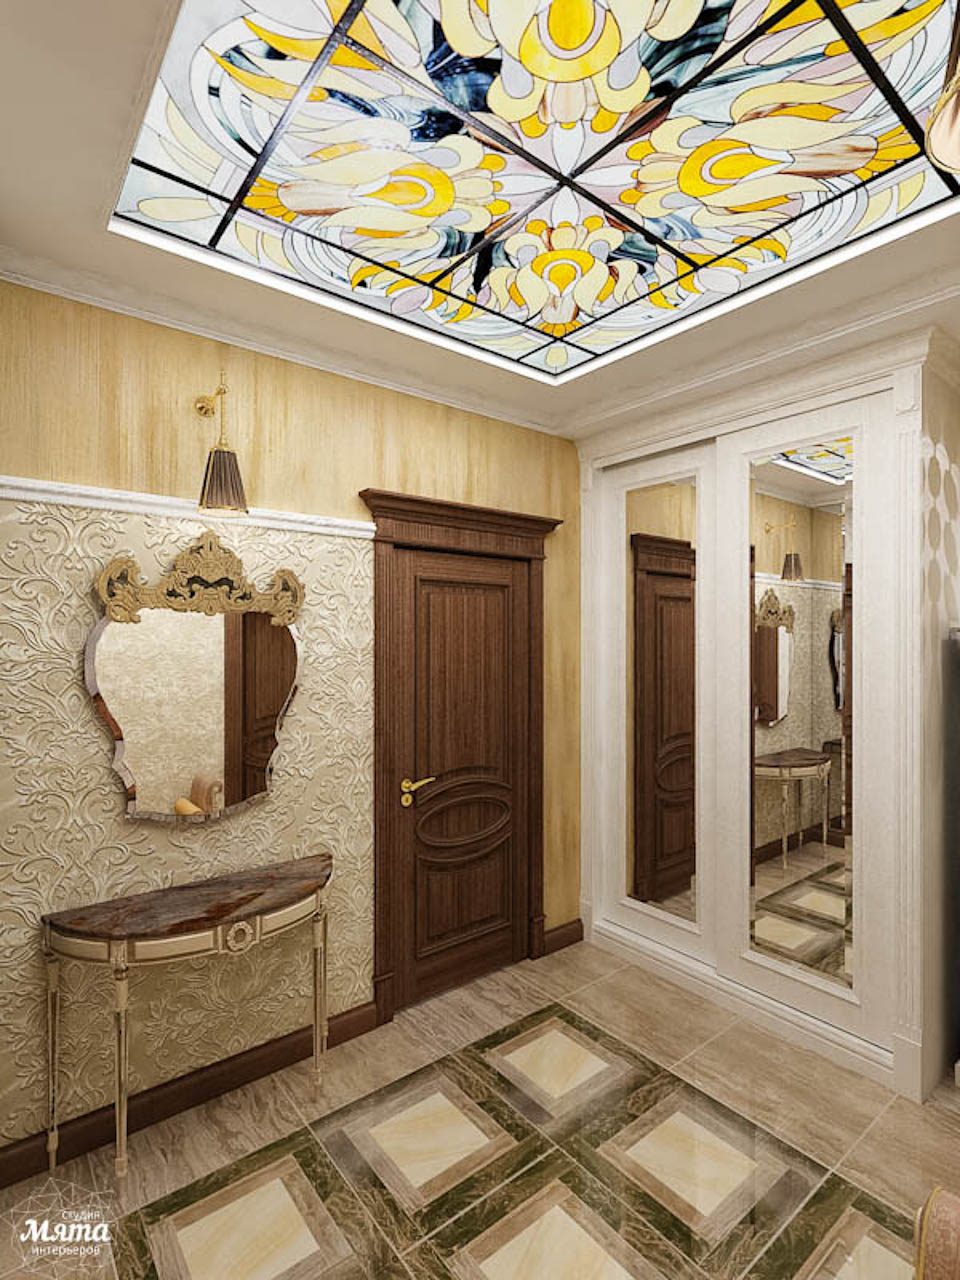 Дизайн интерьера двухкомнатной квартиры по ул. Мельникова 38 img1699517841